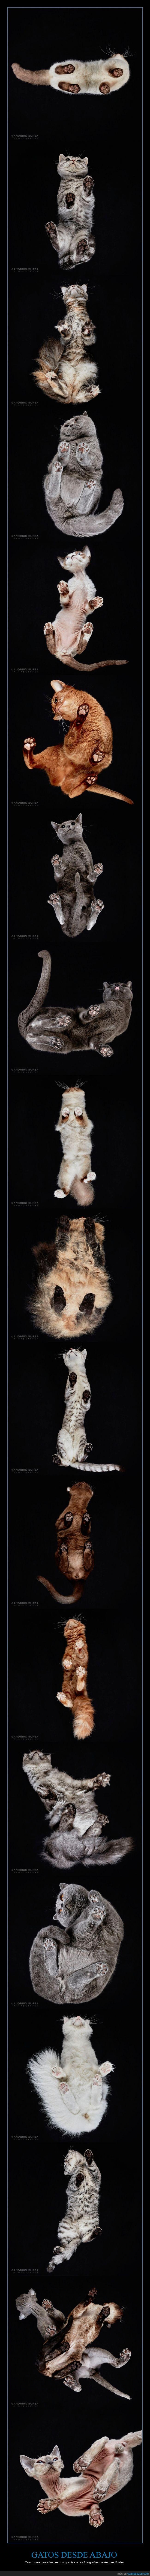 Andrius Burba,cristal,debajo,fotografo,gato,patitas